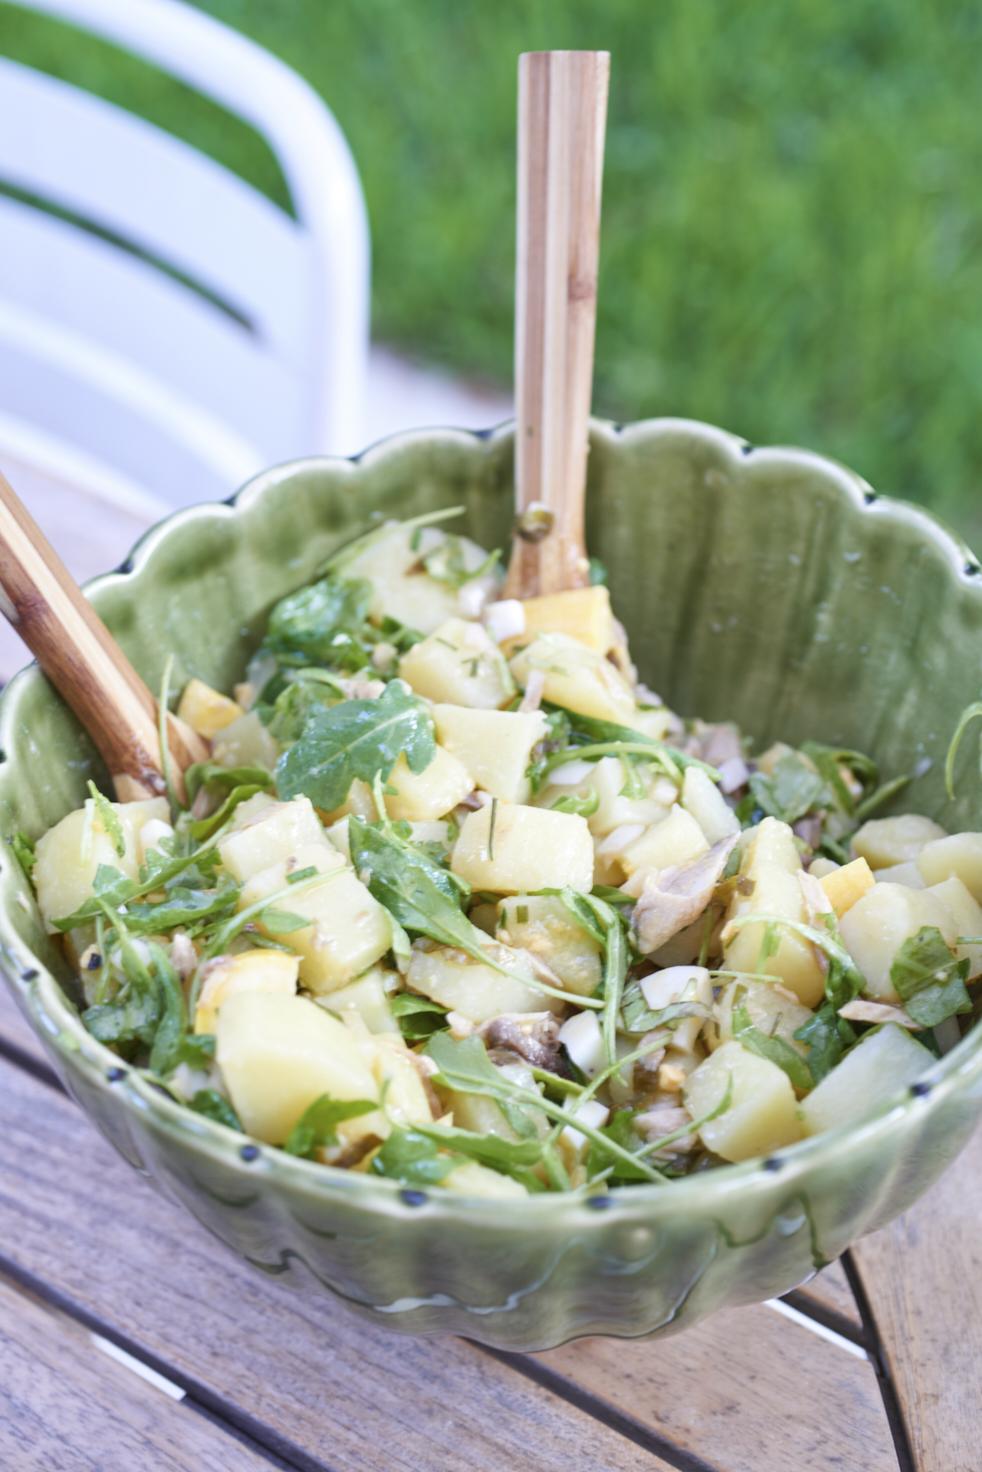 recette de salade de pommes de terre nouvelles aux herbes et maquereau